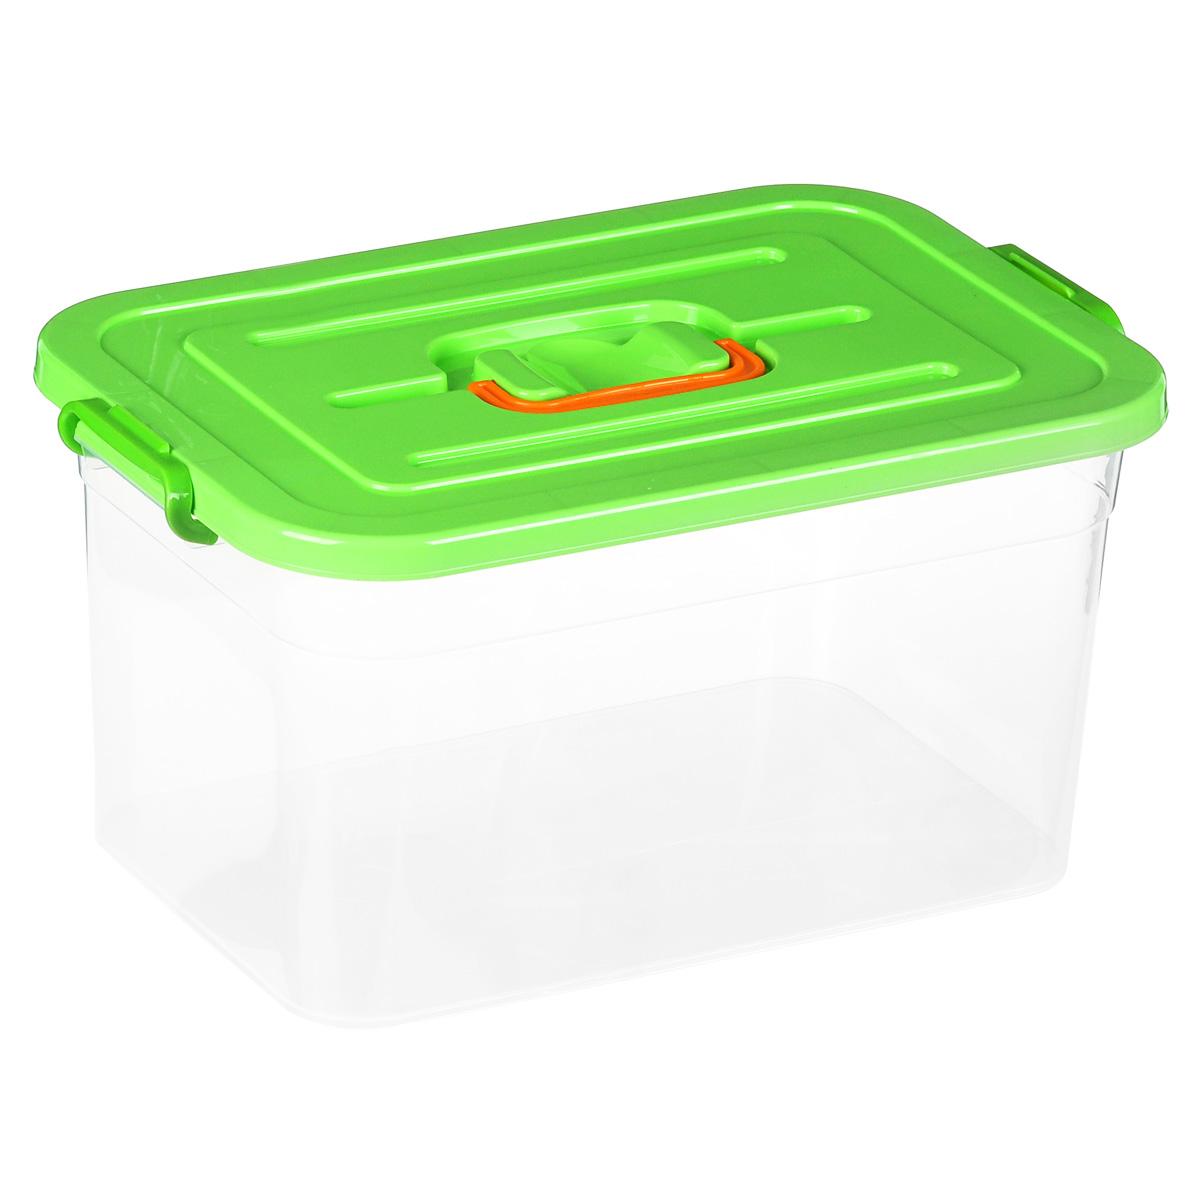 Контейнер для хранения Полимербыт, цвет: зеленый, 15 лС811_зеленыйКонтейнер для хранения Полимербыт выполнен из высококачественного цветного пластика. Контейнер снабжен удобной ручкой и двумя пластиковыми фиксаторами по бокам, придающими дополнительную надежность закрывания крышки. Вместительный контейнер позволит сохранить различные нужные вещи в порядке, а герметичная крышка предотвратит случайное открывание, защитит содержимое от пыли и грязи. Объем: 15 л.